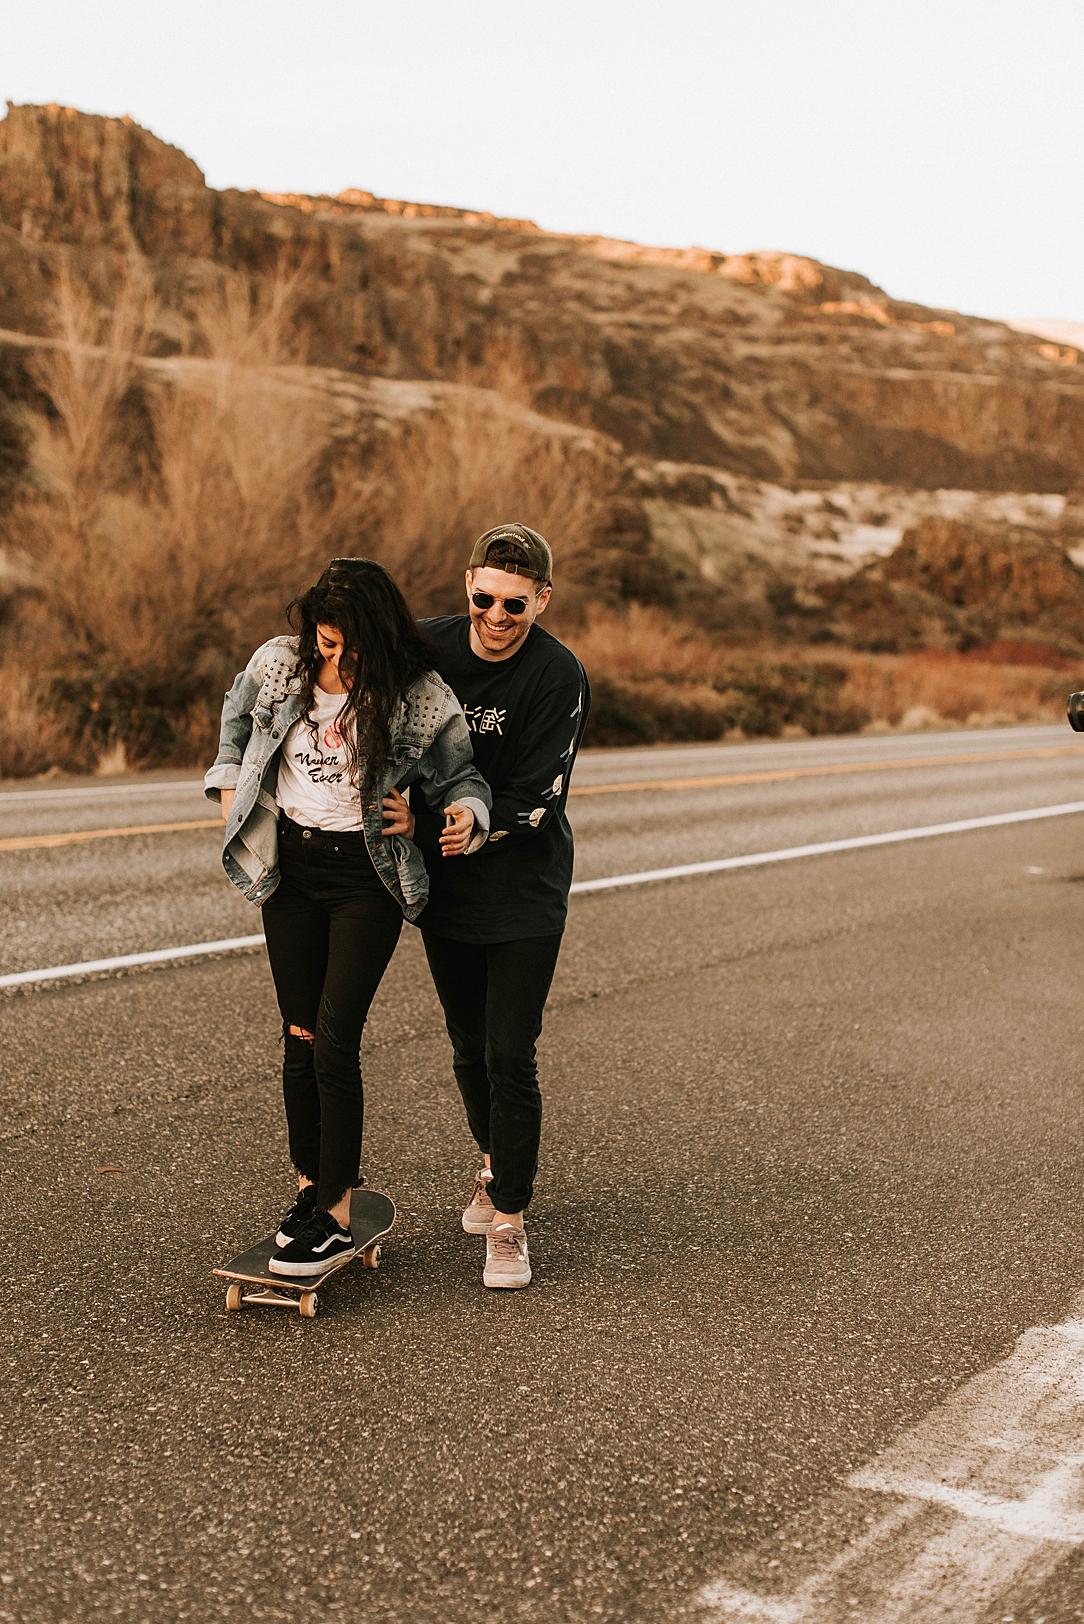 nbp-edgy-skater-couple_0026.jpg